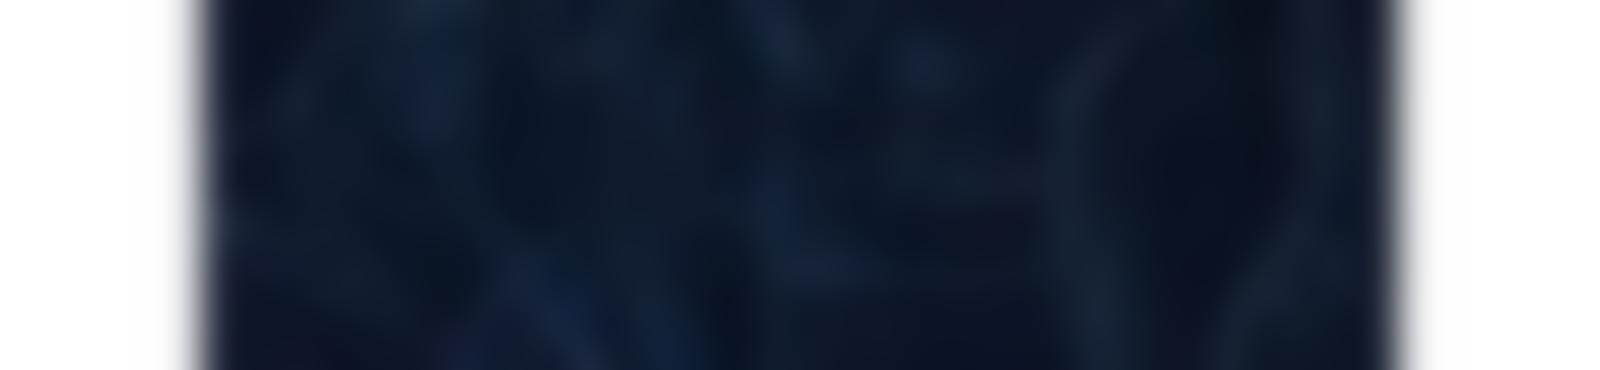 Blurred bc4ea01e 64f9 4d14 a773 3a1a9757ca98